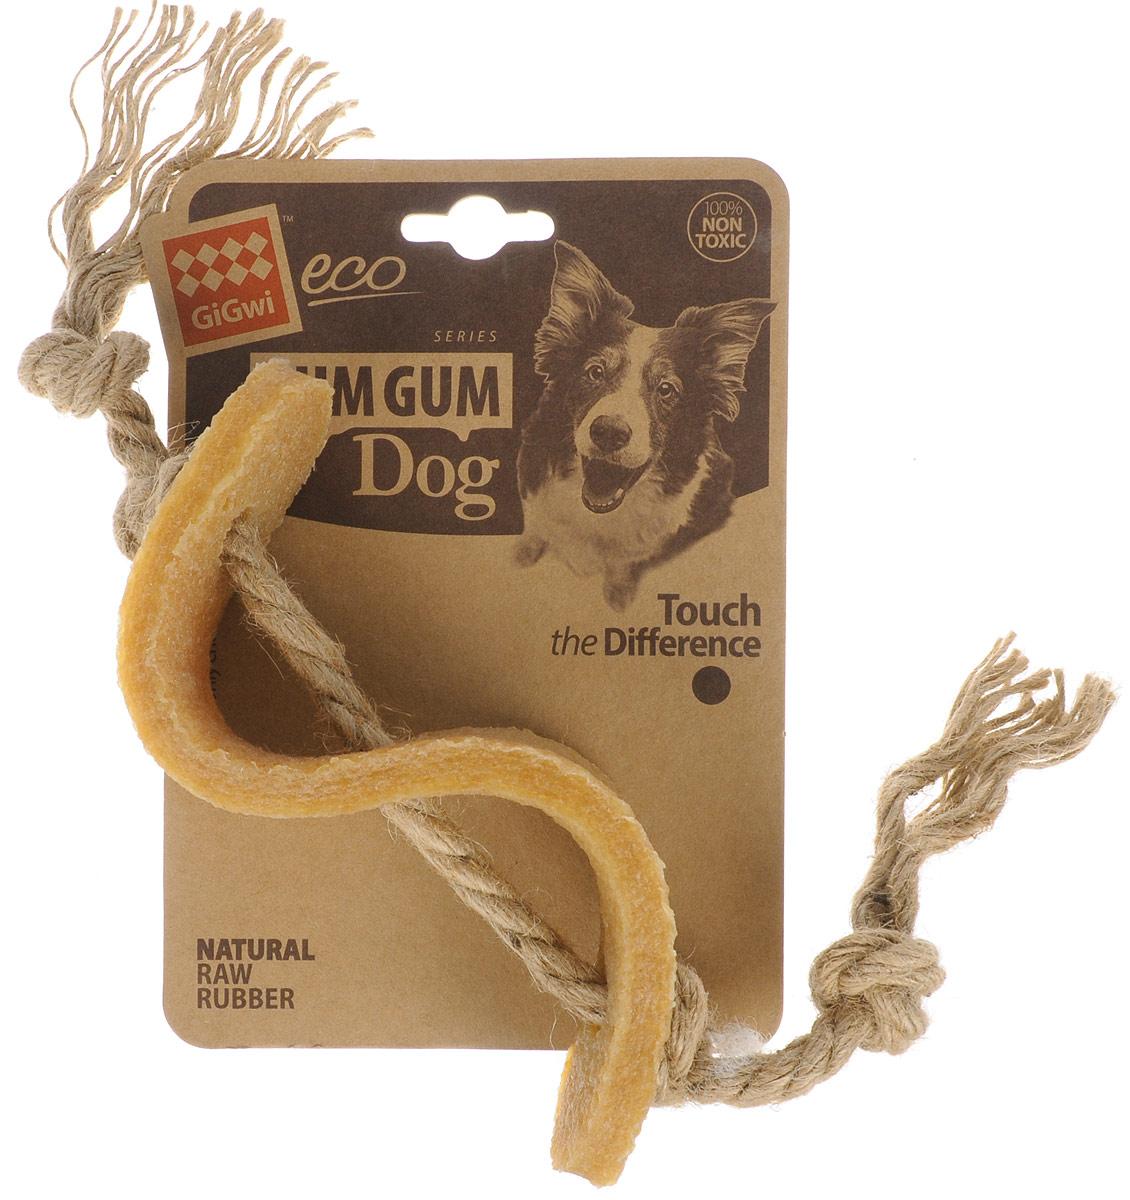 Игрушка для собак GiGwi Доллар, длина 13,5 см12171996Игрушка для собак GiGwi Доллар выполнена из натуральных компонентов - 100% нетоксичного каучука и льняного жгута. Натуральные материалы игрушки не вредят здоровью вашего питомца, его зубам и деснам, тем самым обеспечивая здоровую игру для вашего друга.